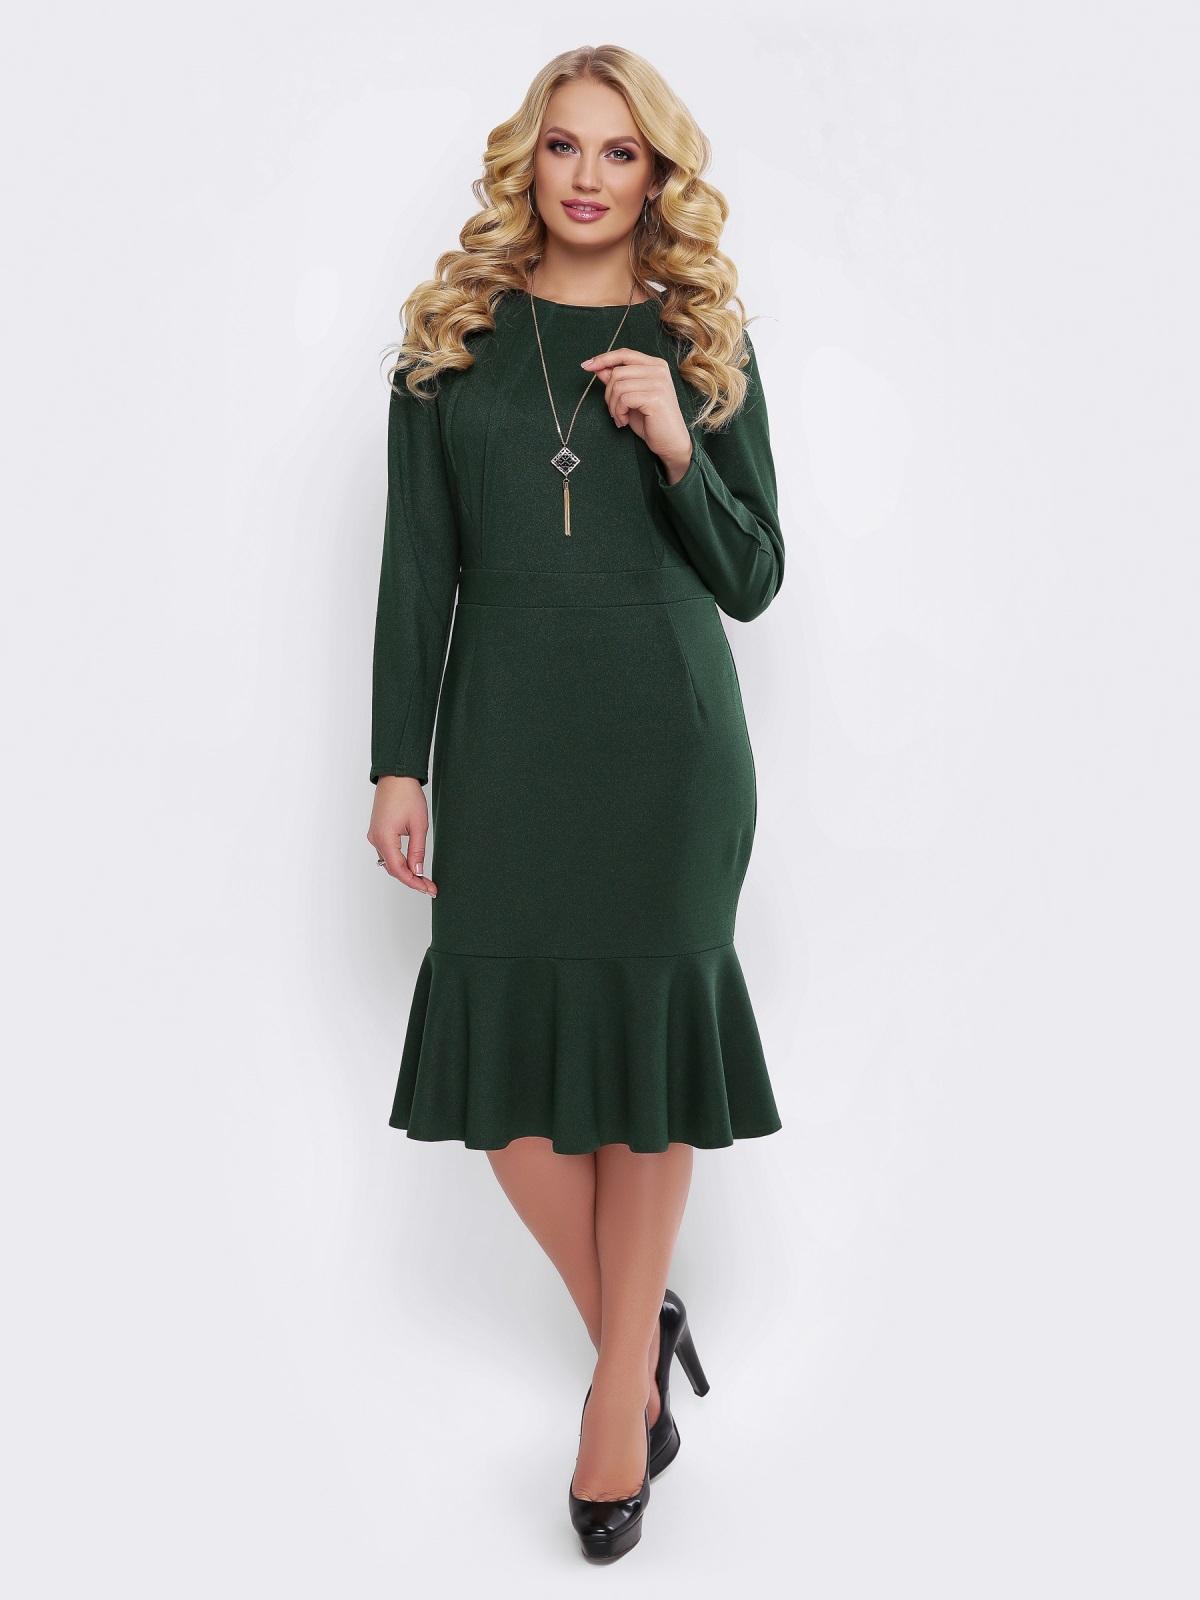 Зелёное платье с юбкой-годе и вшитым поясом - 19523, фото 1 – интернет-магазин Dressa